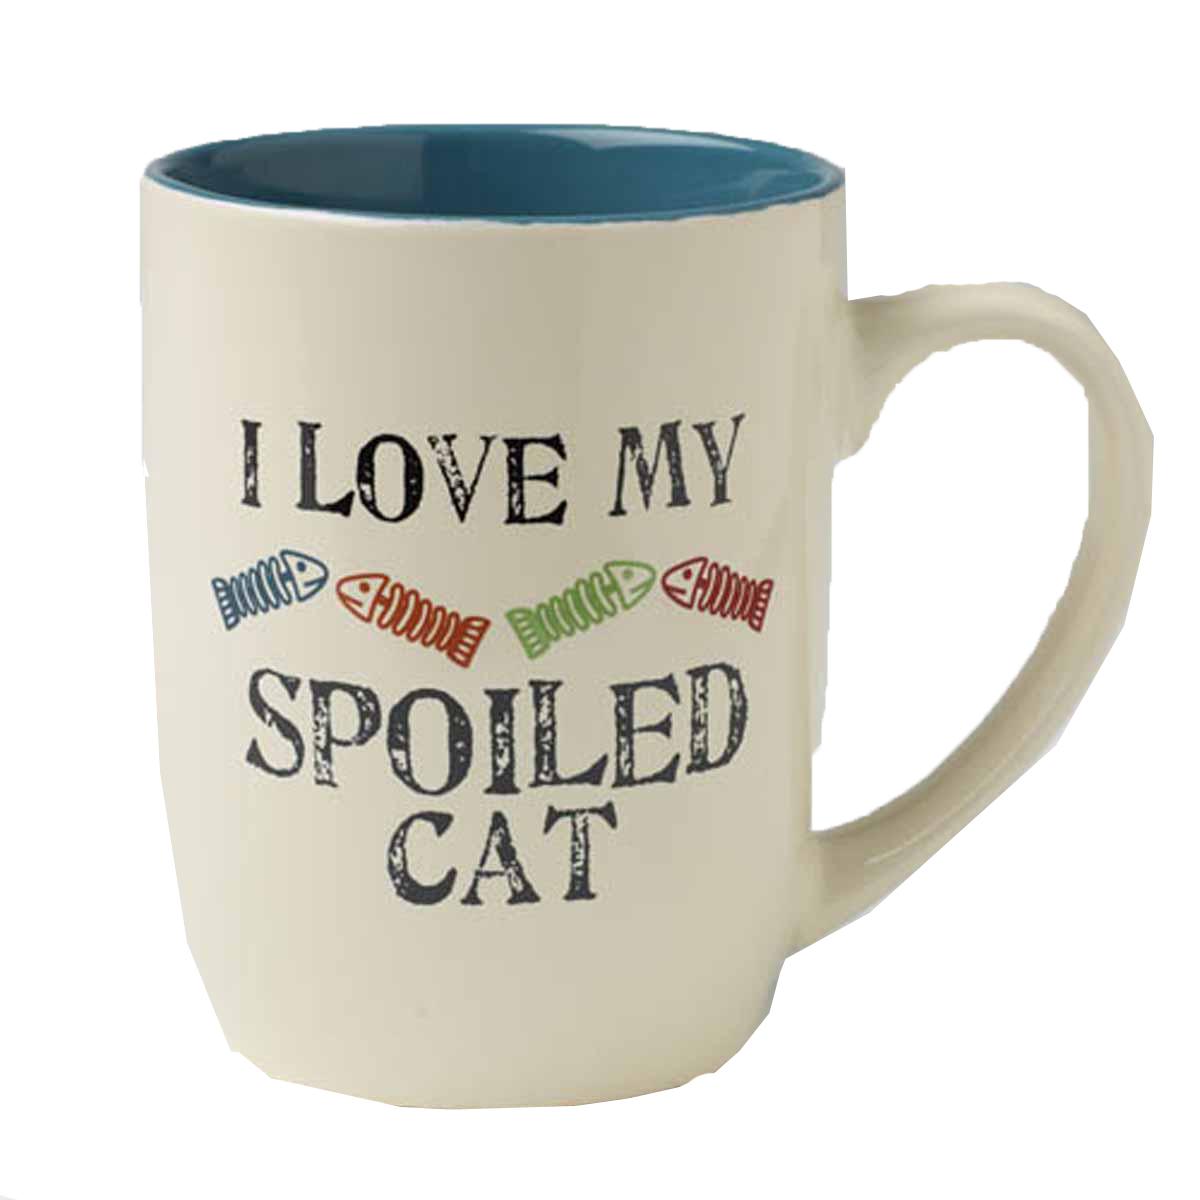 Spoiled Cat Mug